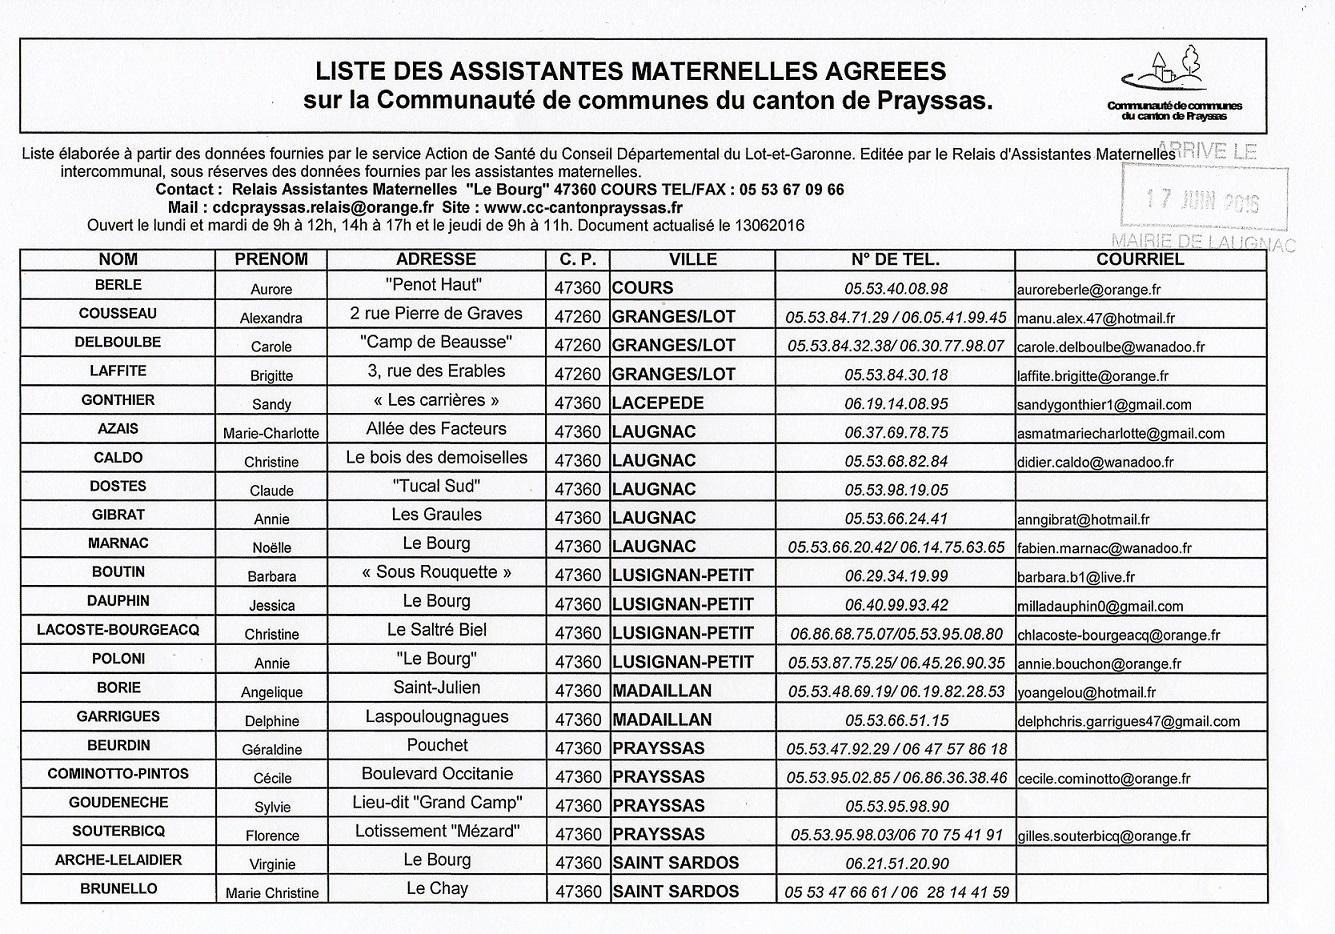 liste_assistantes_maternelles